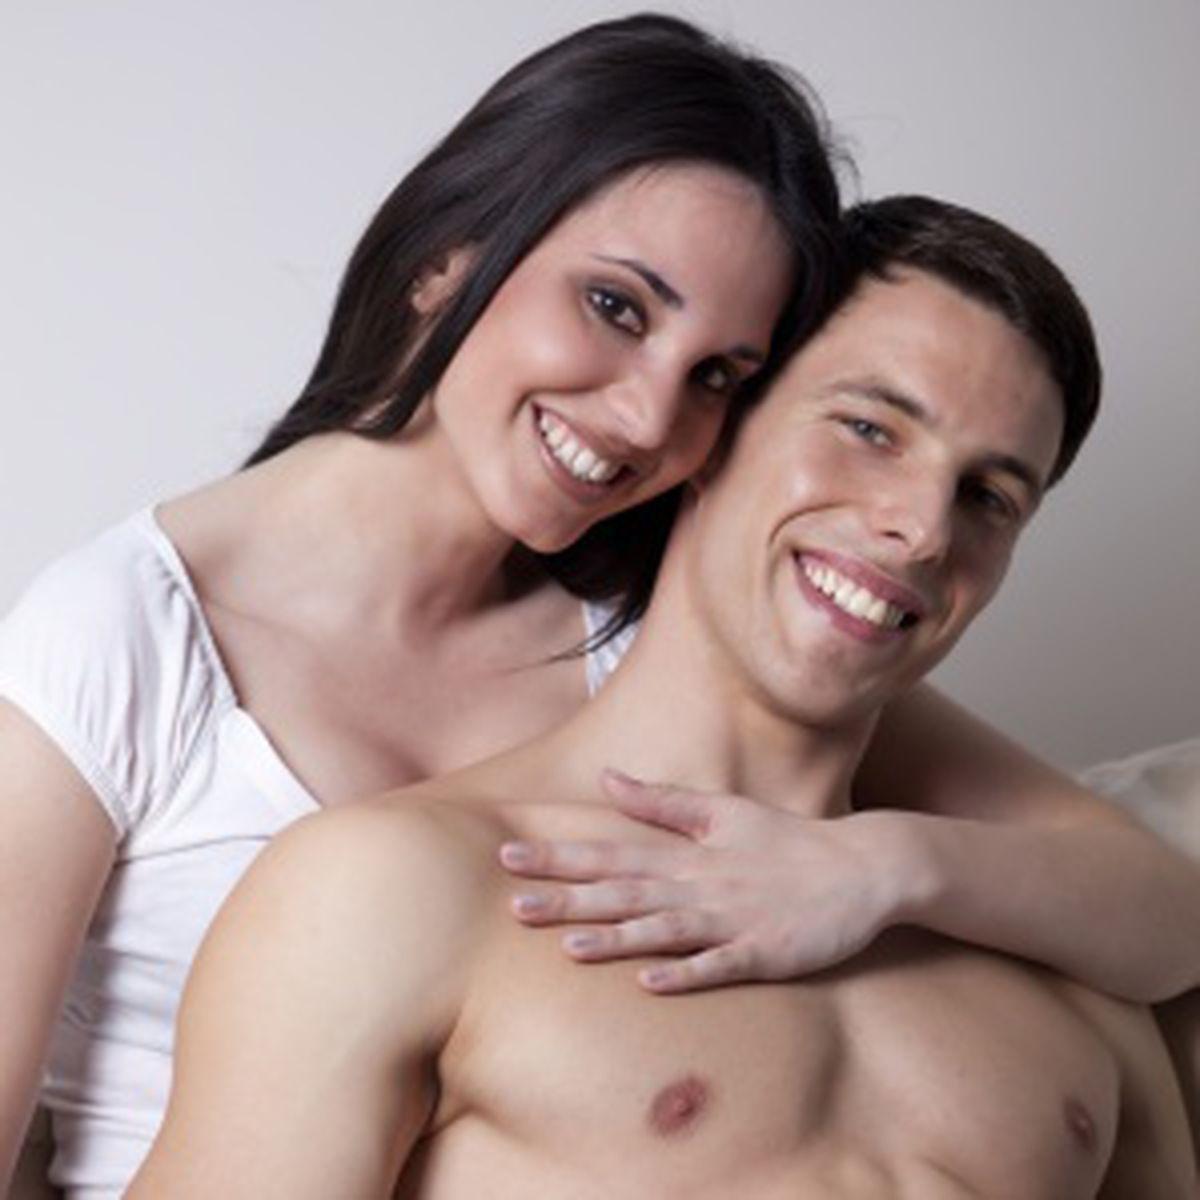 penisul a devenit mai moale în timpul unei erecții)